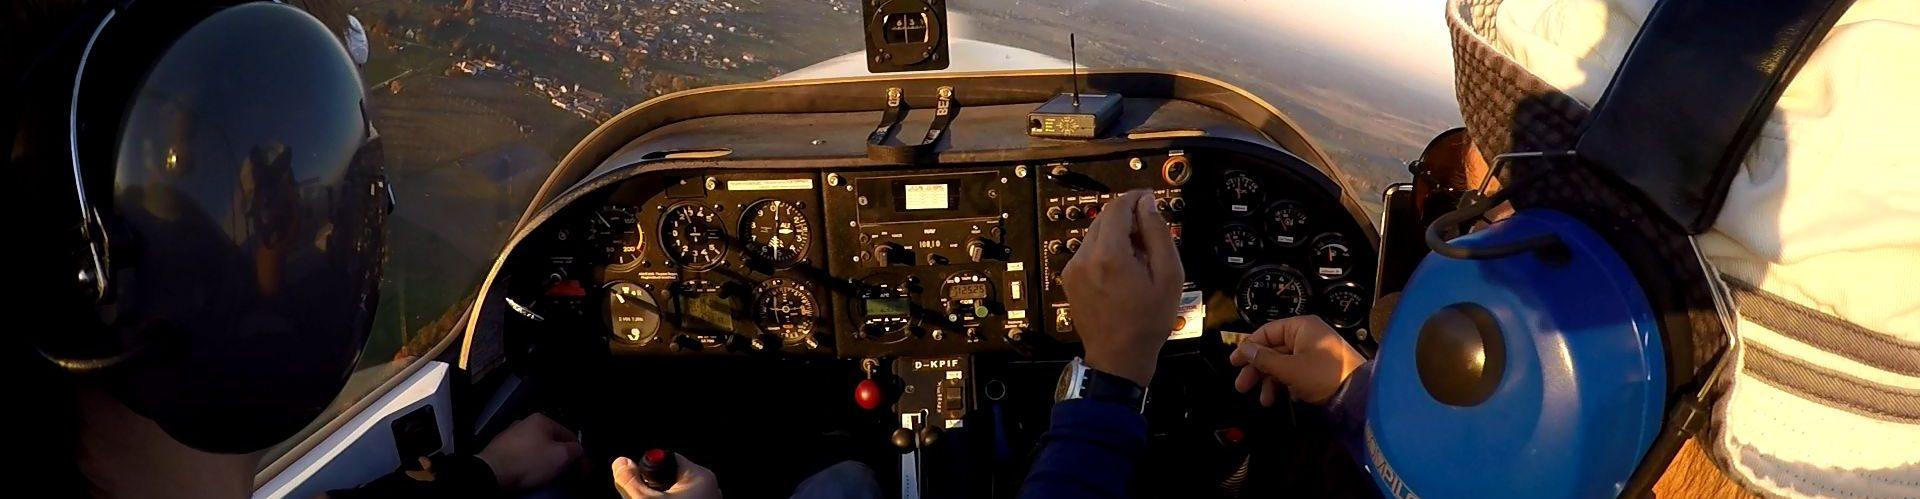 Zwei Piloten im Cockpit, ein Flugschüler bekommt von einem Fluglehrer etwas erklärt.